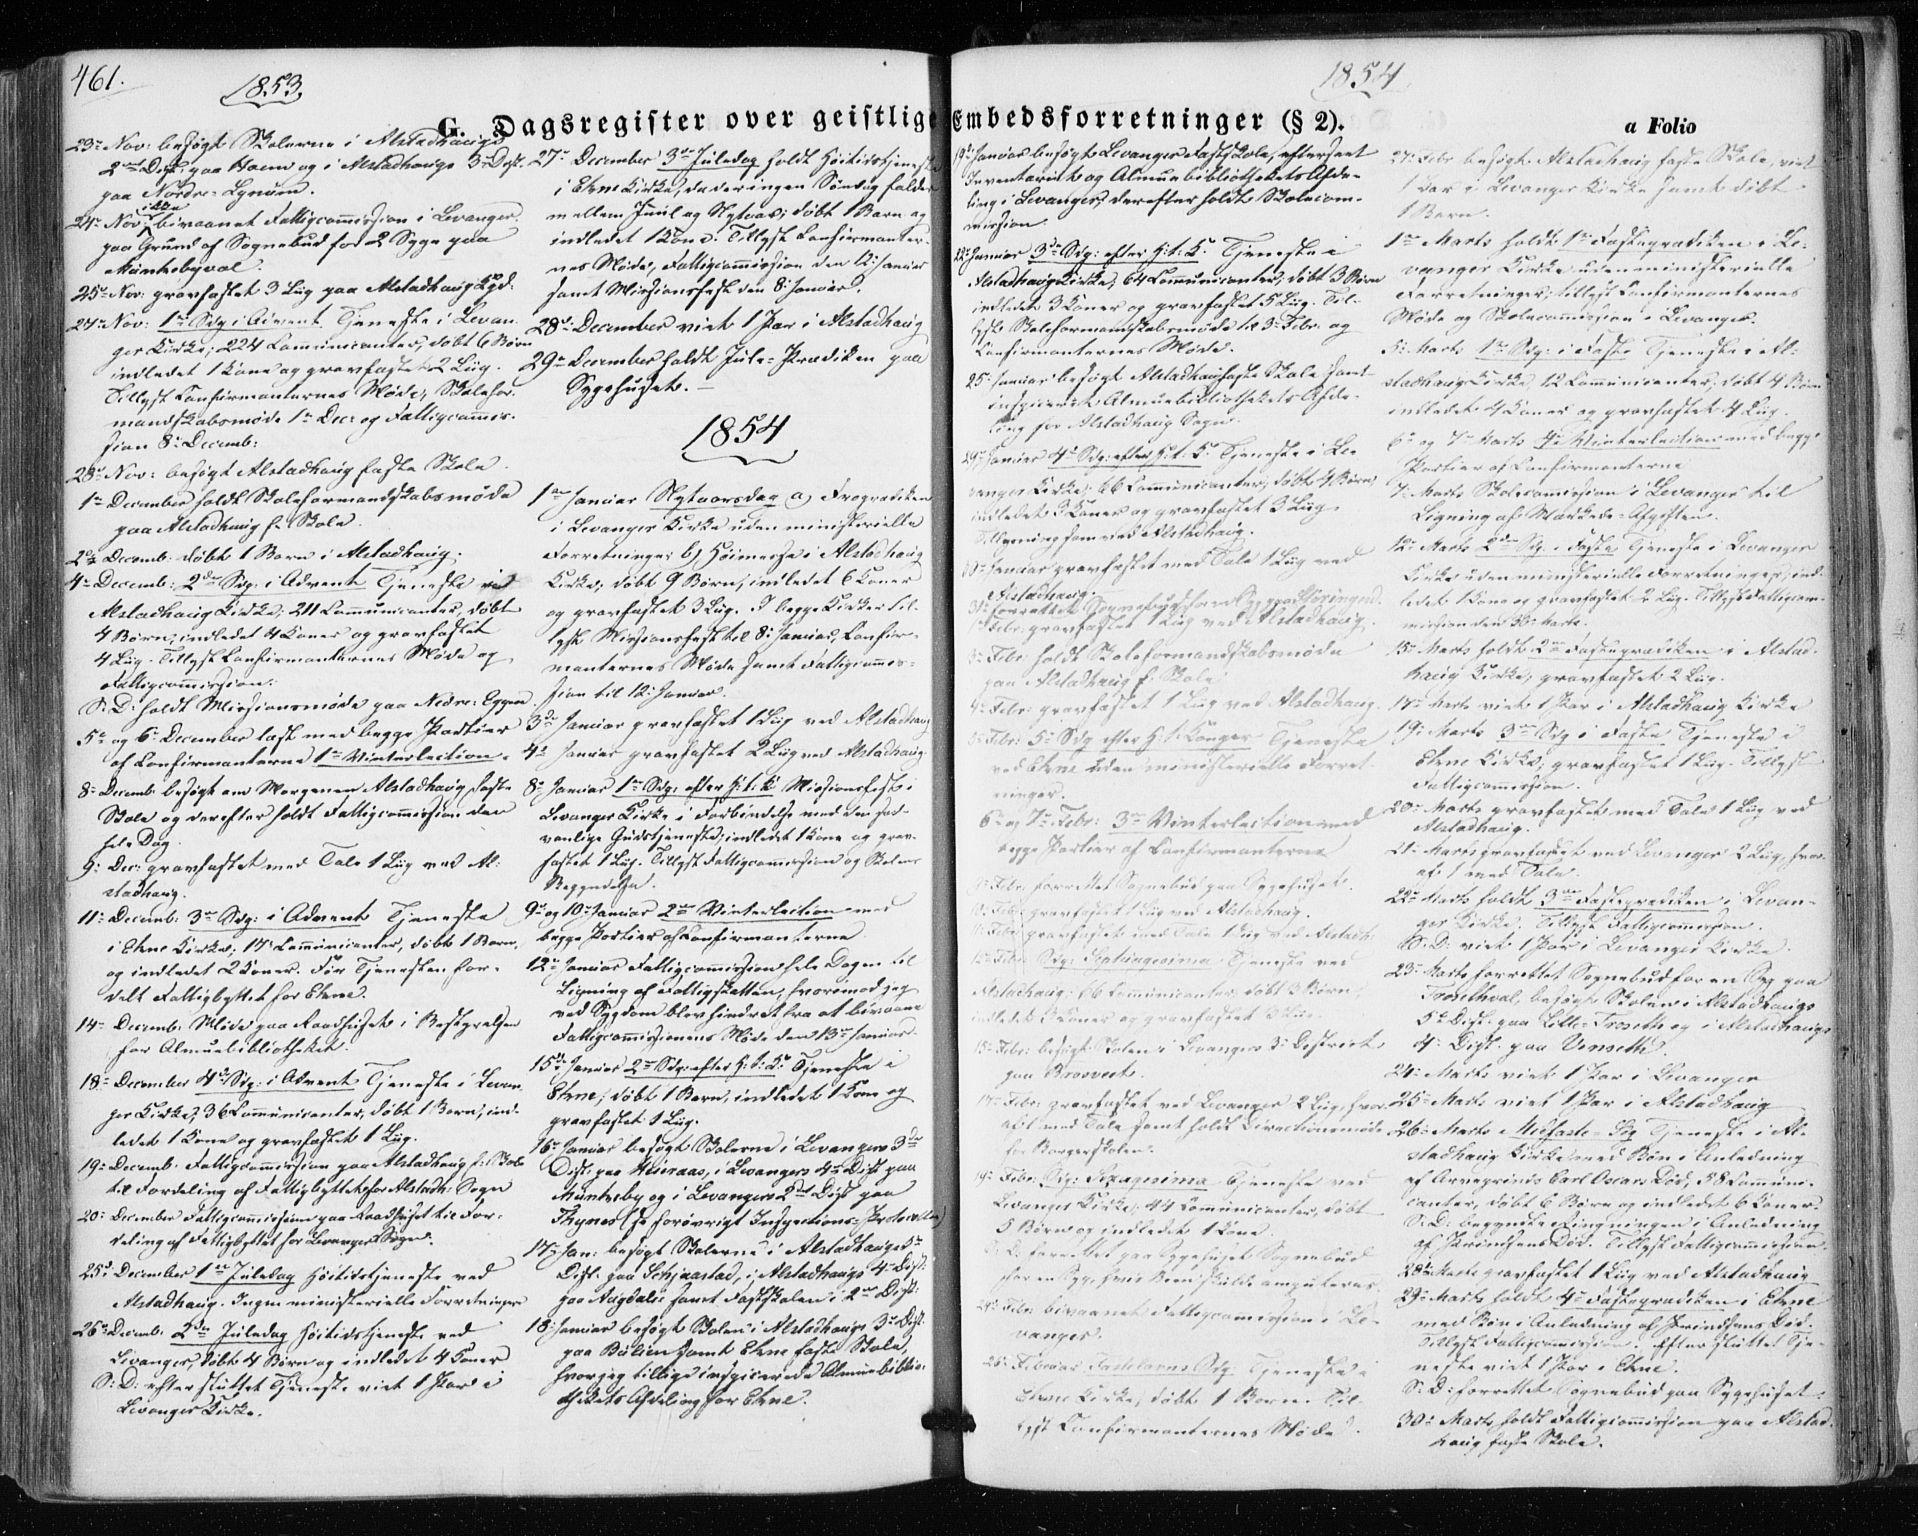 SAT, Ministerialprotokoller, klokkerbøker og fødselsregistre - Nord-Trøndelag, 717/L0154: Ministerialbok nr. 717A07 /1, 1850-1862, s. 461